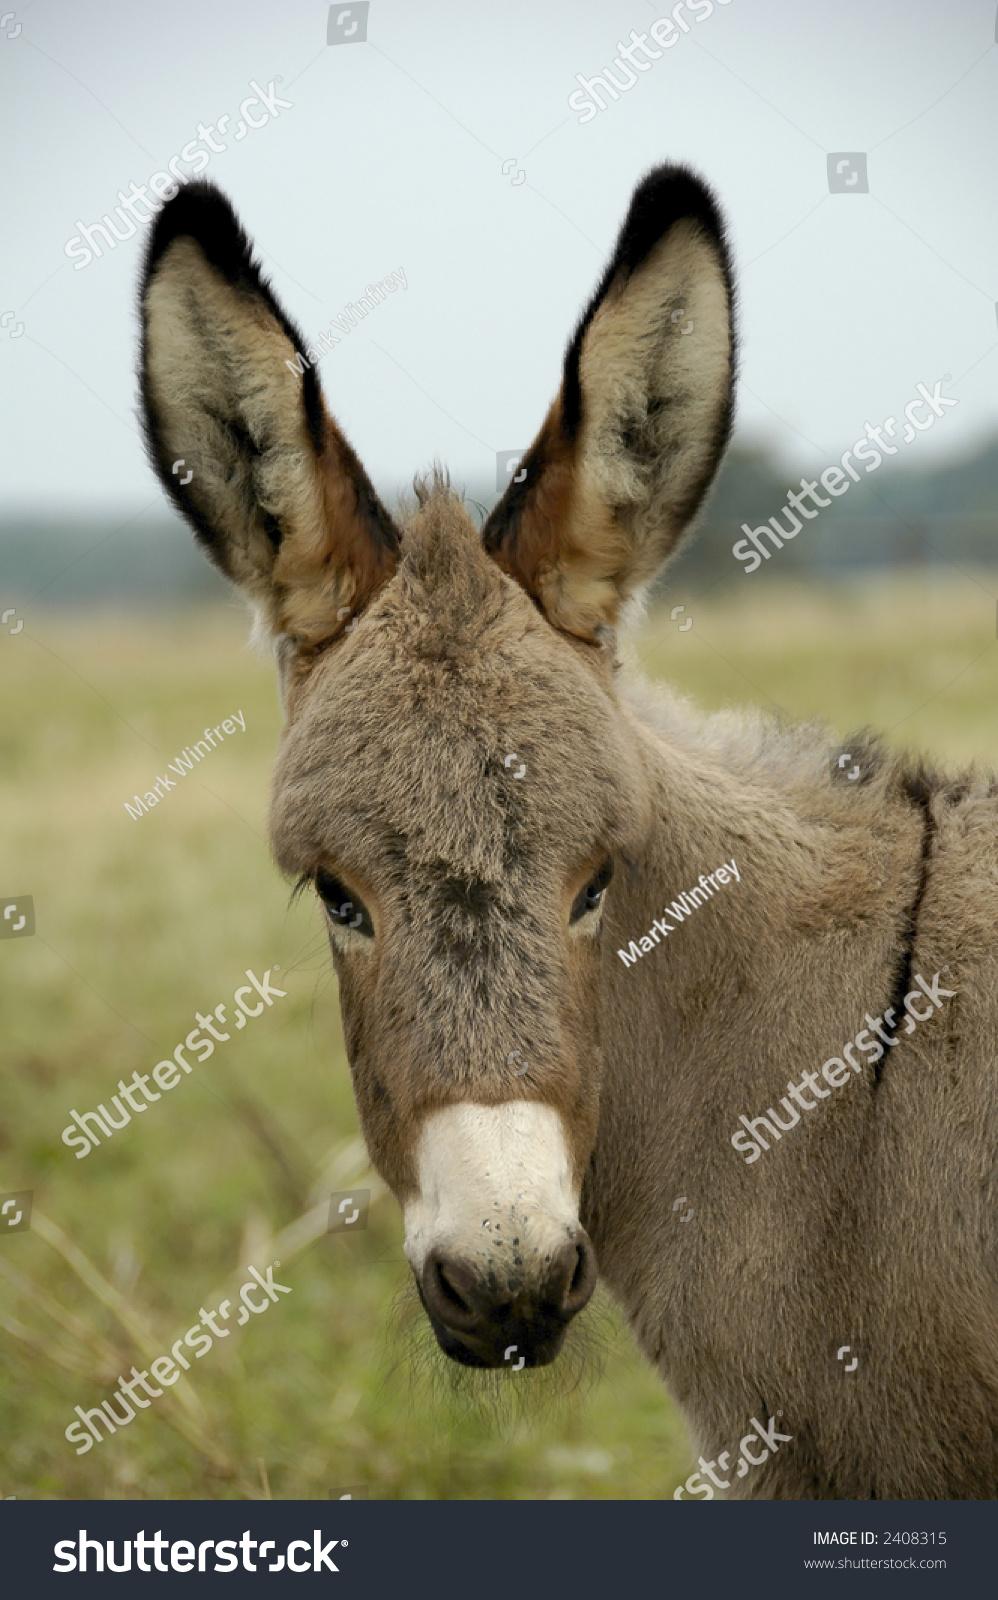 stock-photo-donkey-2408315.jpg